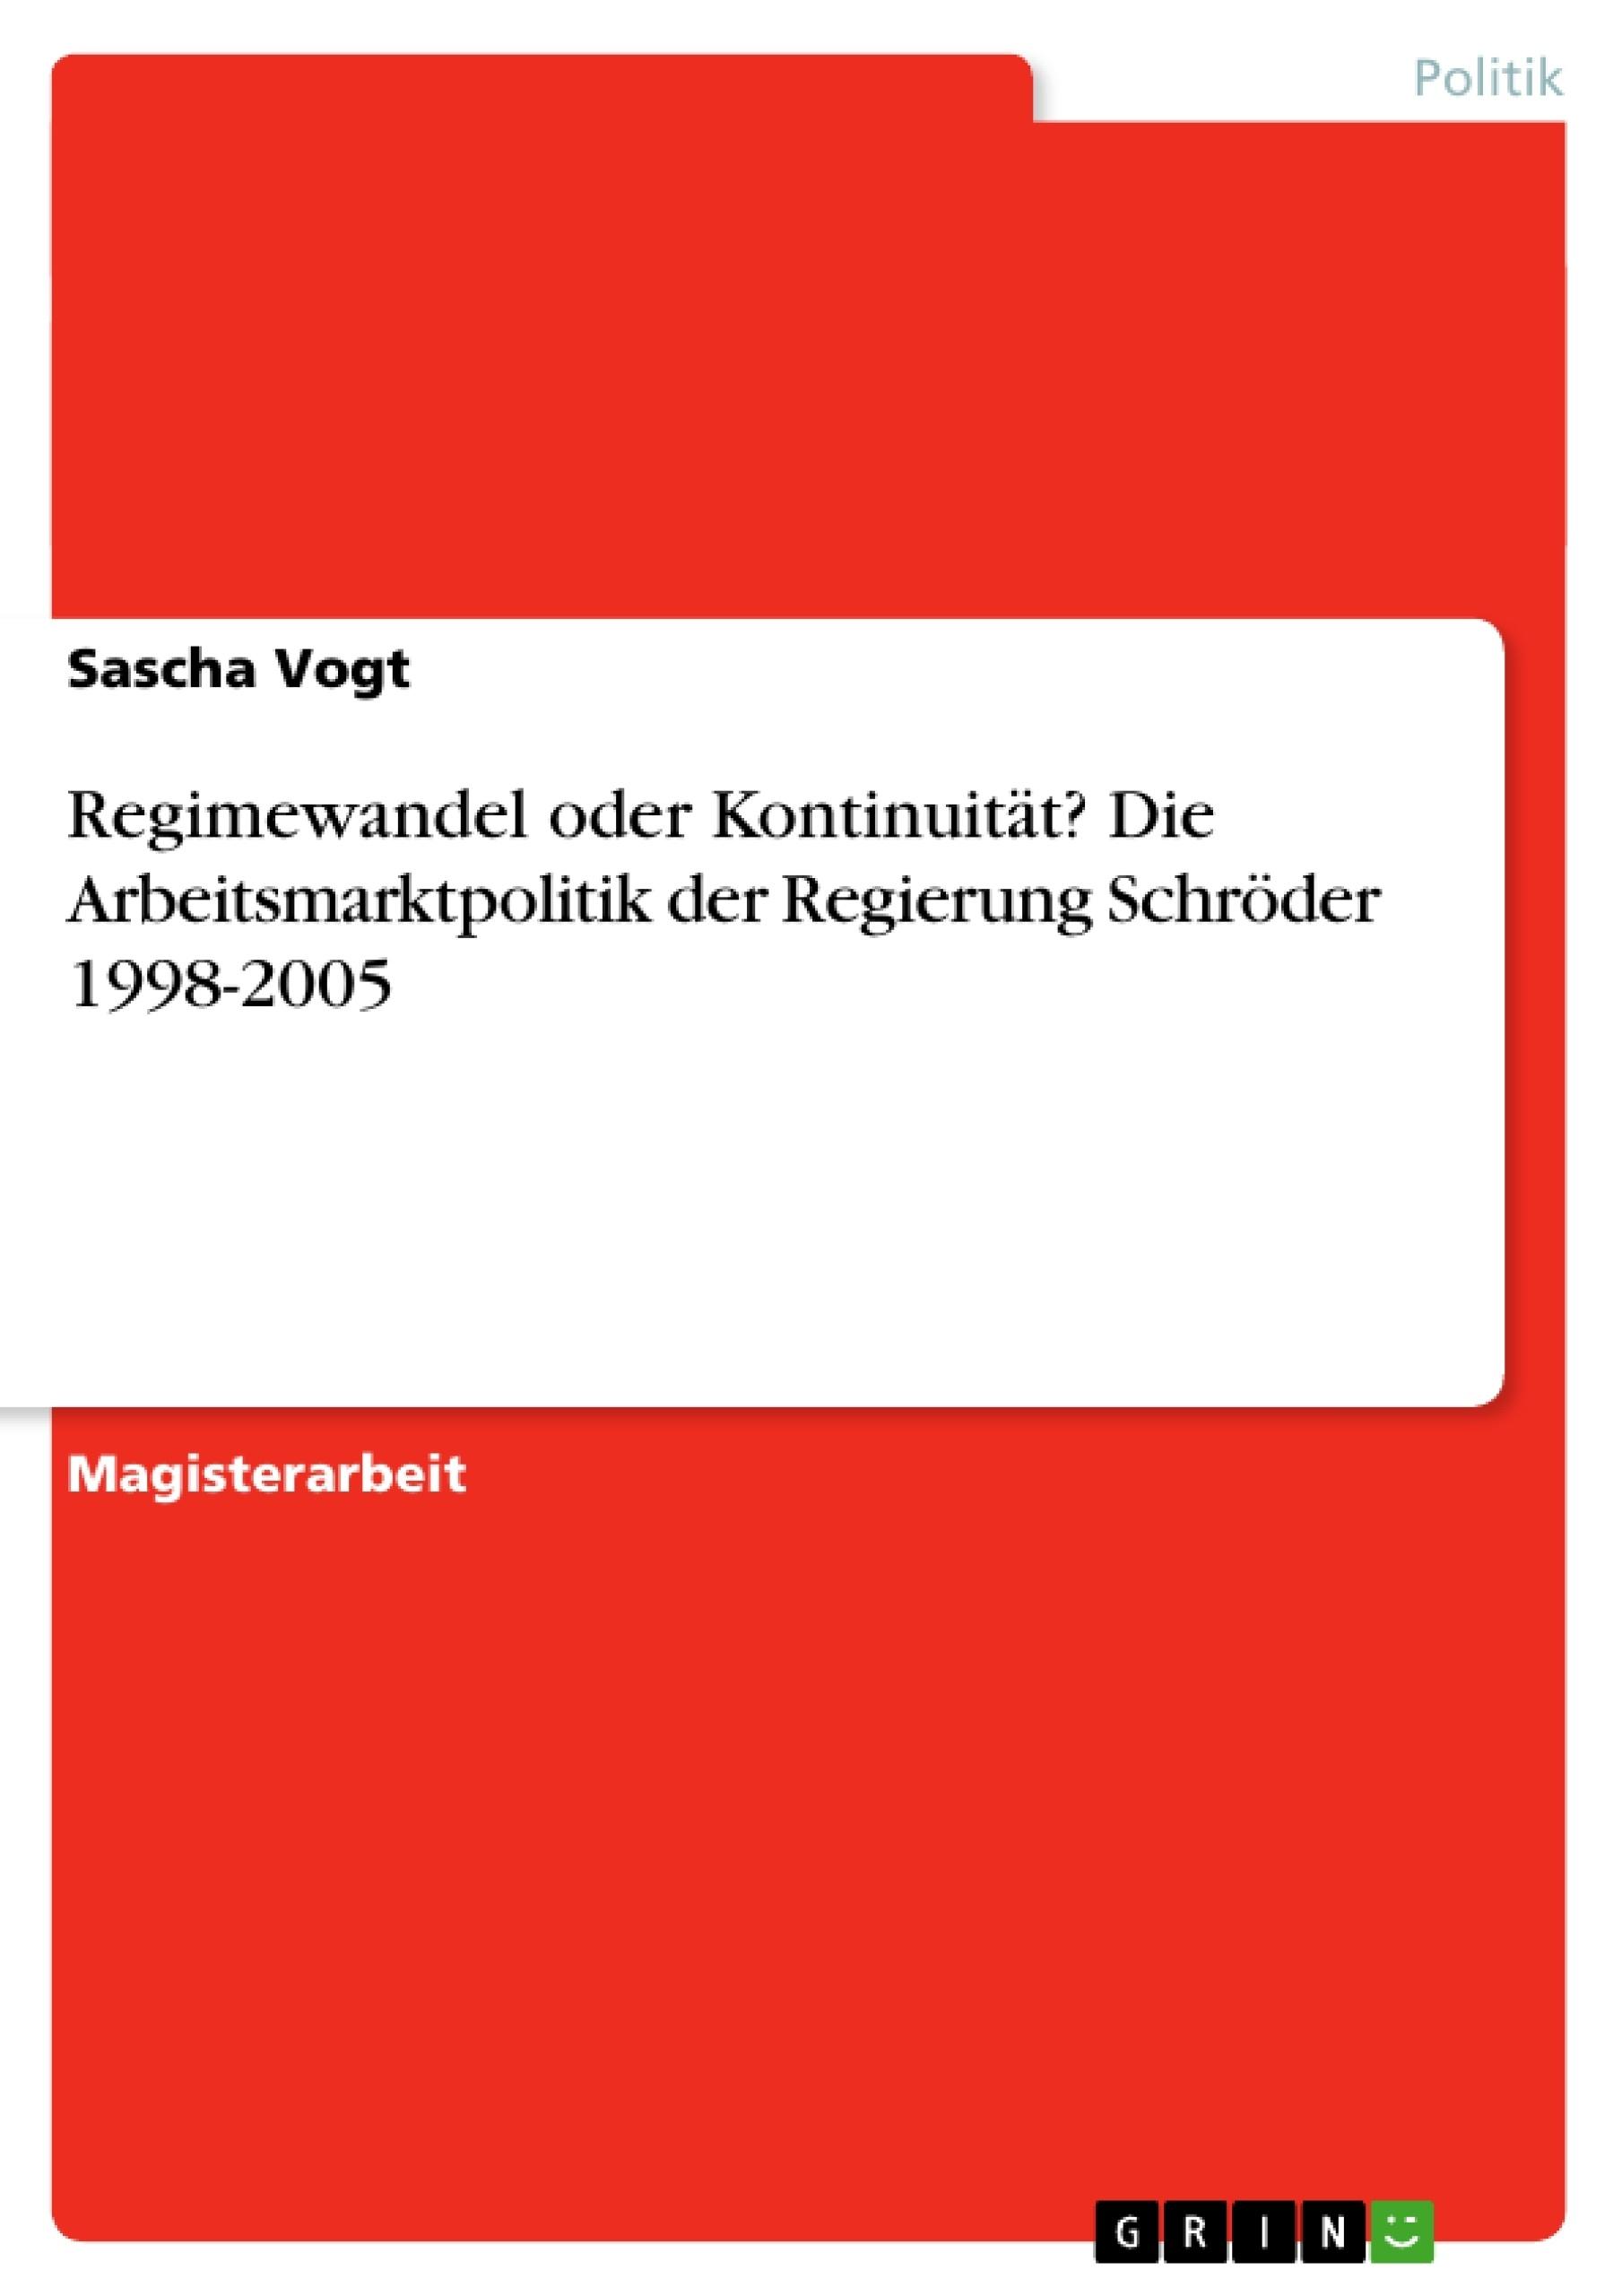 Titel: Regimewandel oder Kontinuität? Die Arbeitsmarktpolitik der Regierung Schröder 1998-2005